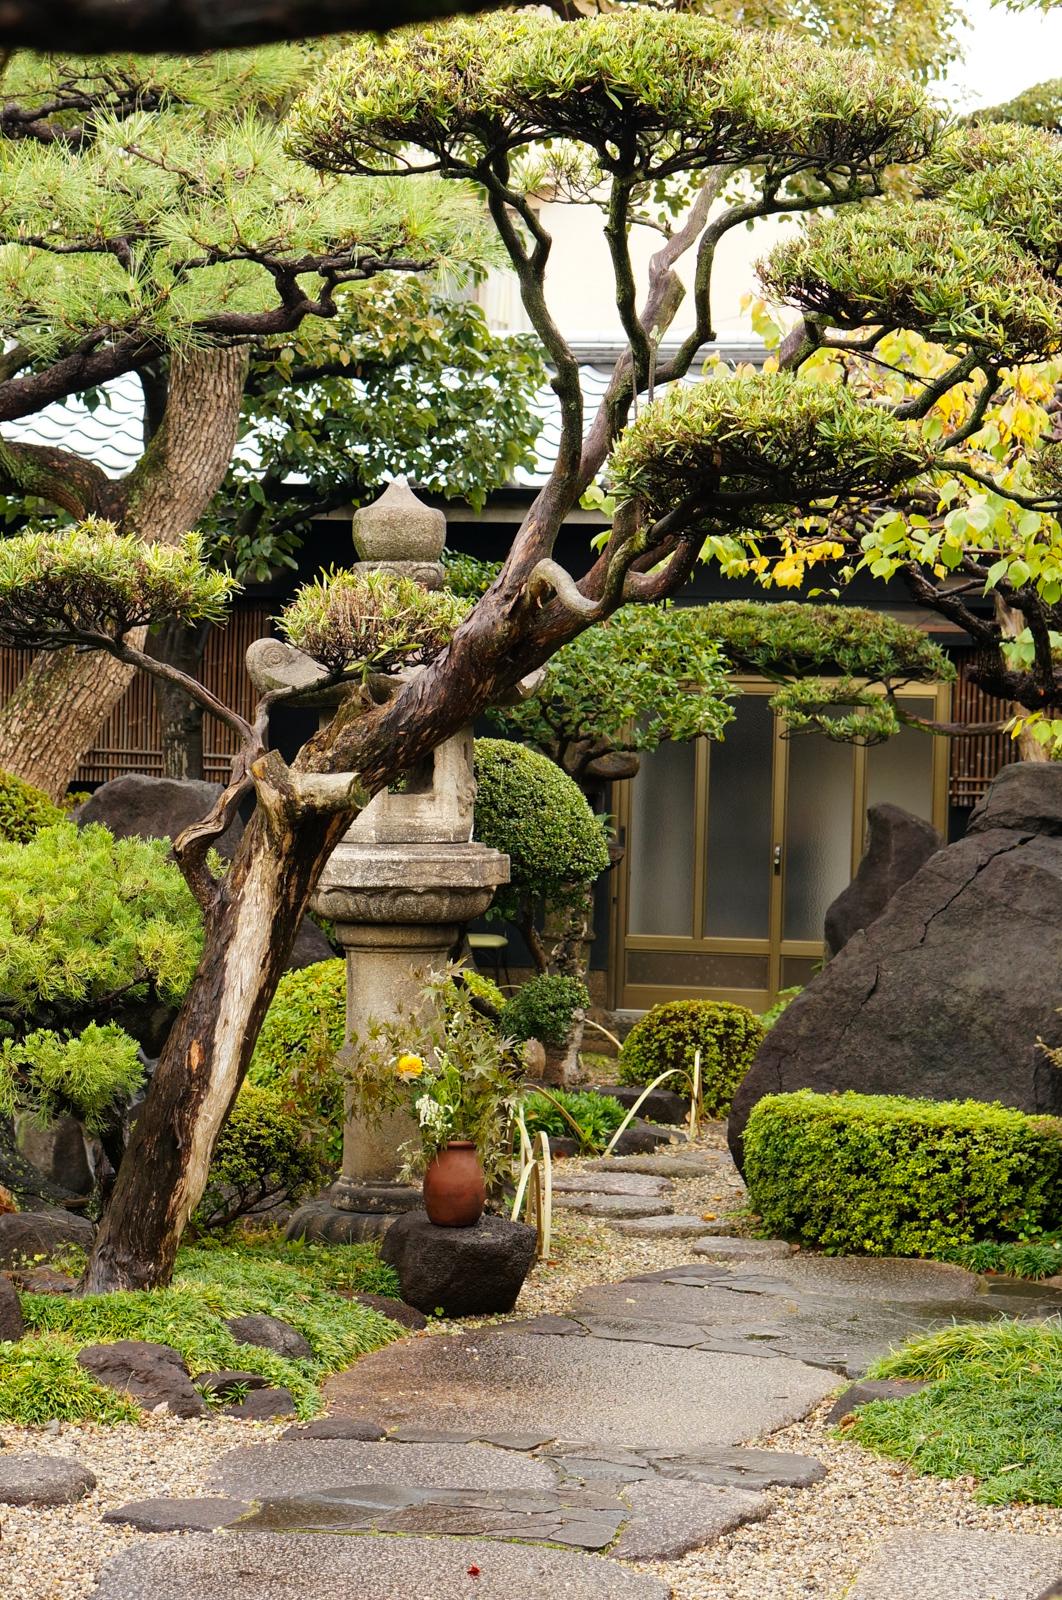 carpe diem, osaka, green osaka, osaka vert, osaka authentique, osaka village, voyage japon, japon